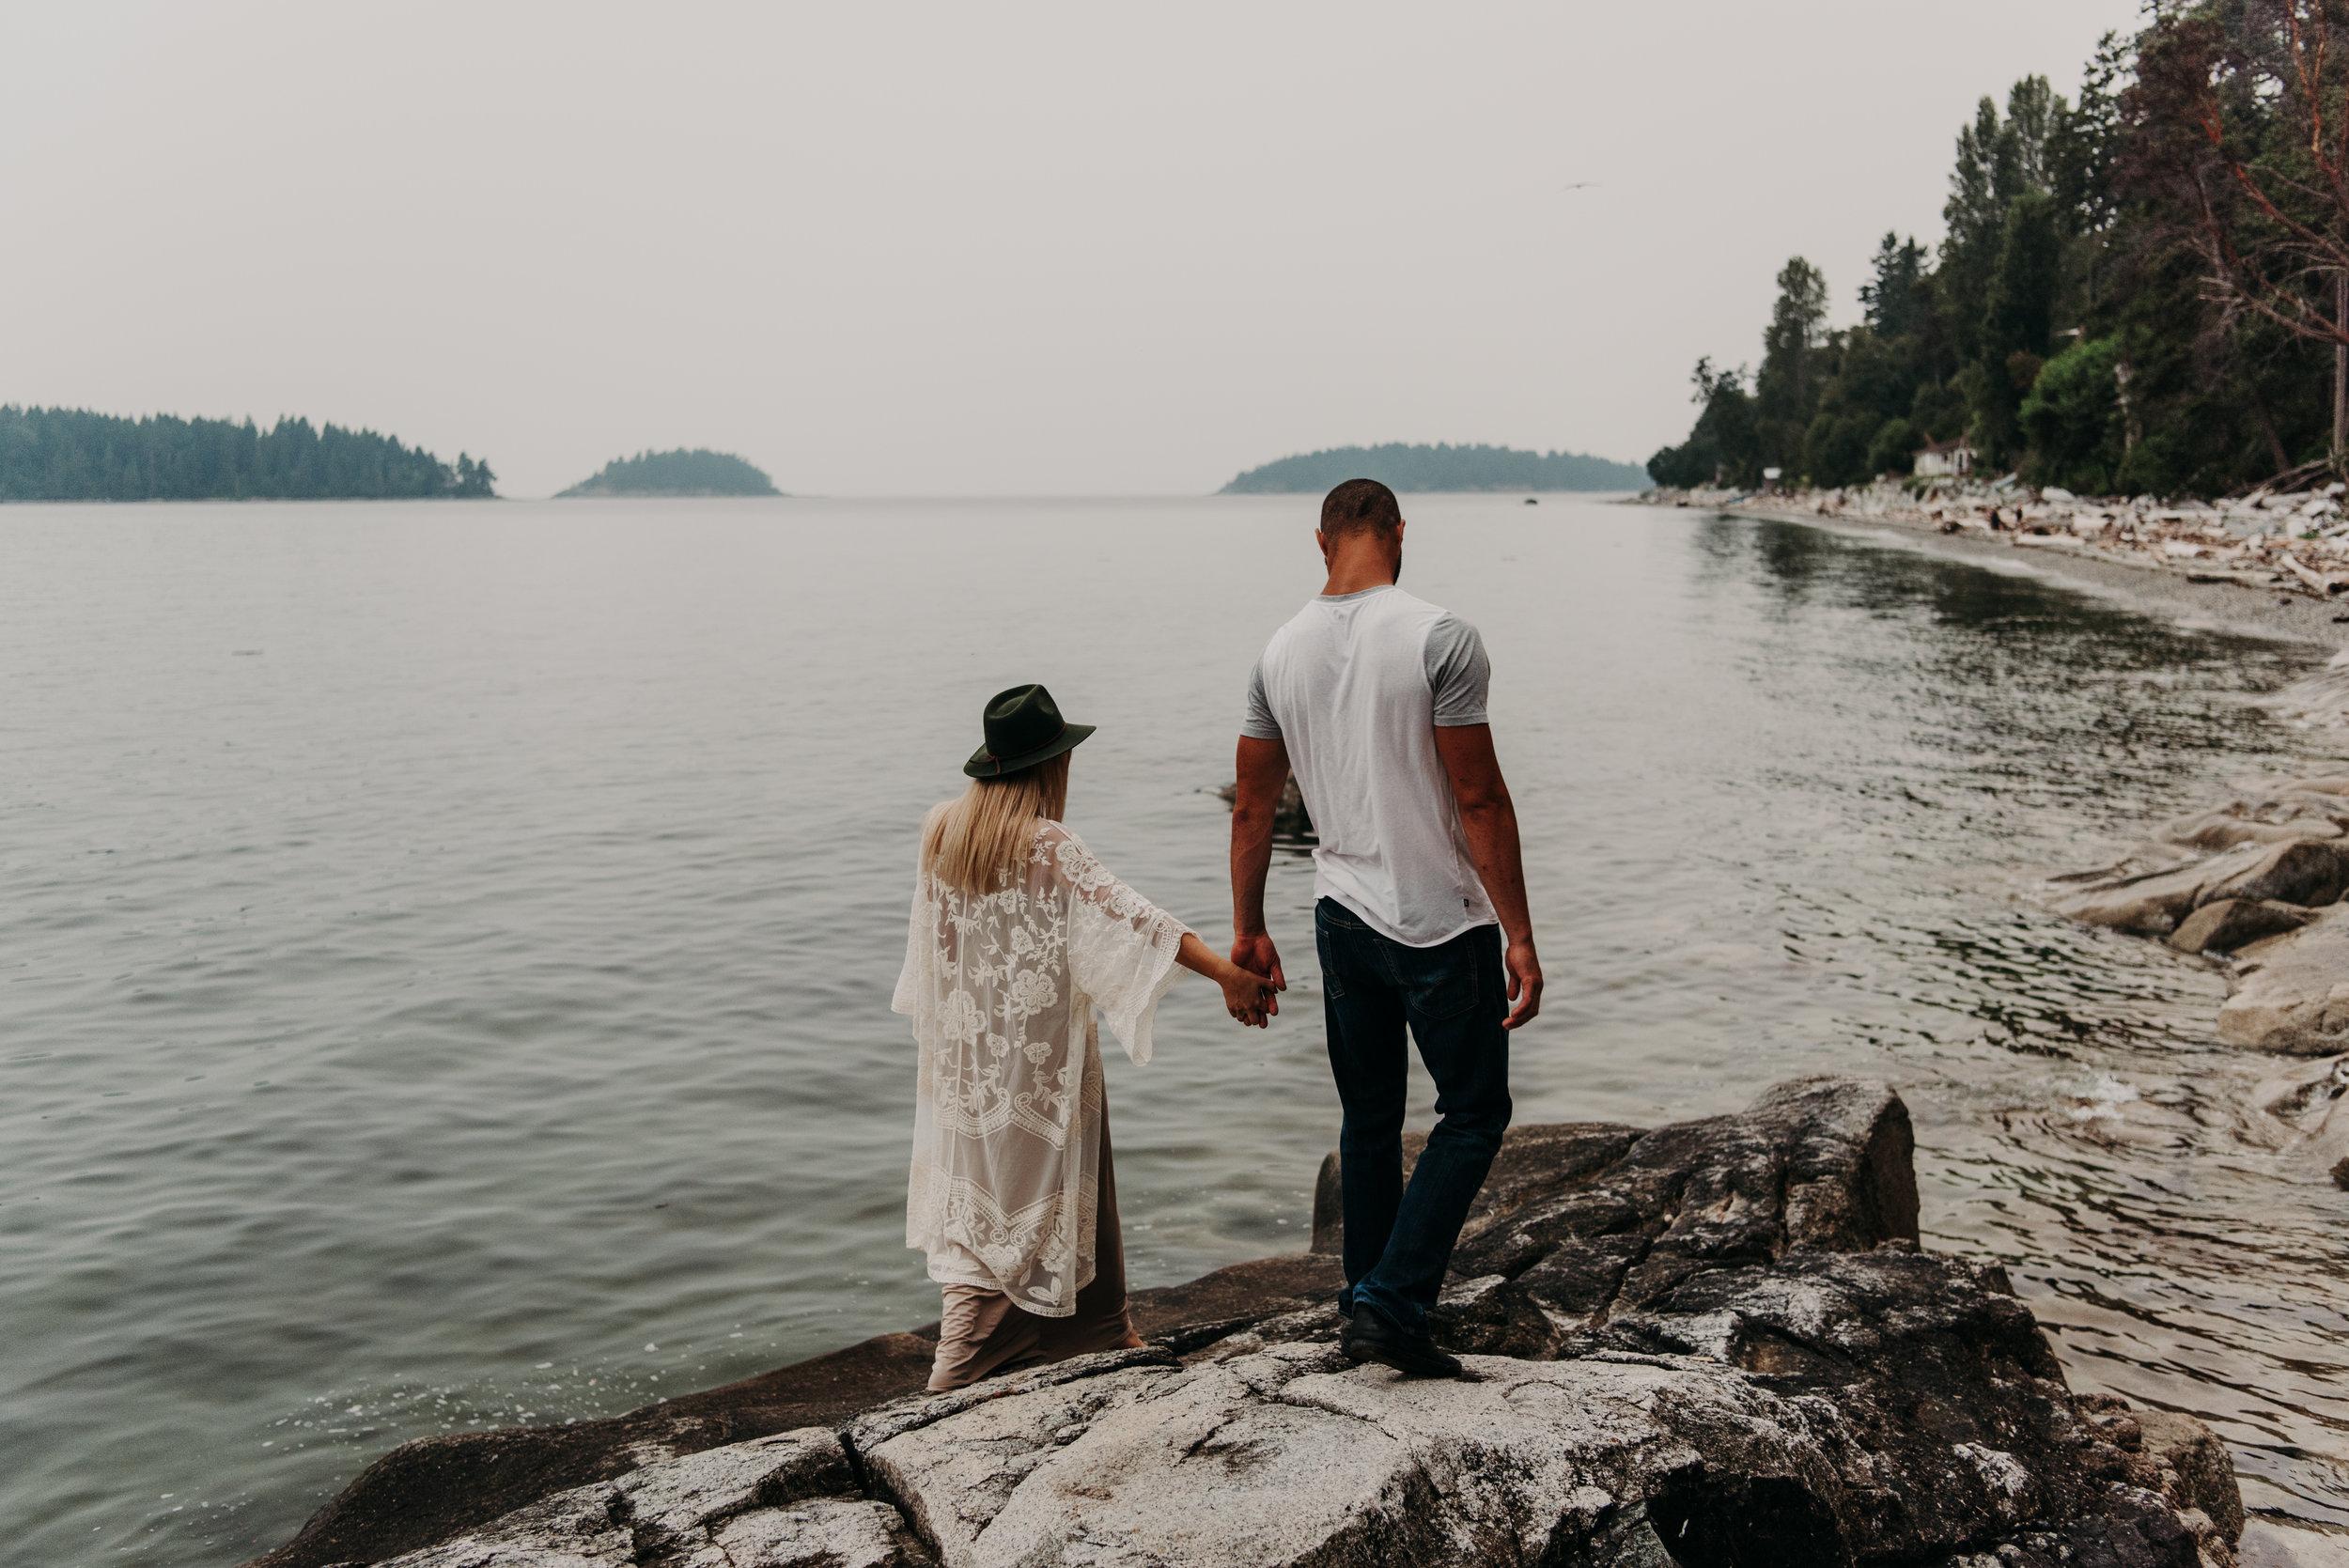 Sierra & Tyler Summer Beach Couples Session - Laura Olson Photography - Sunshine Coast BC Photographer-2361.jpg